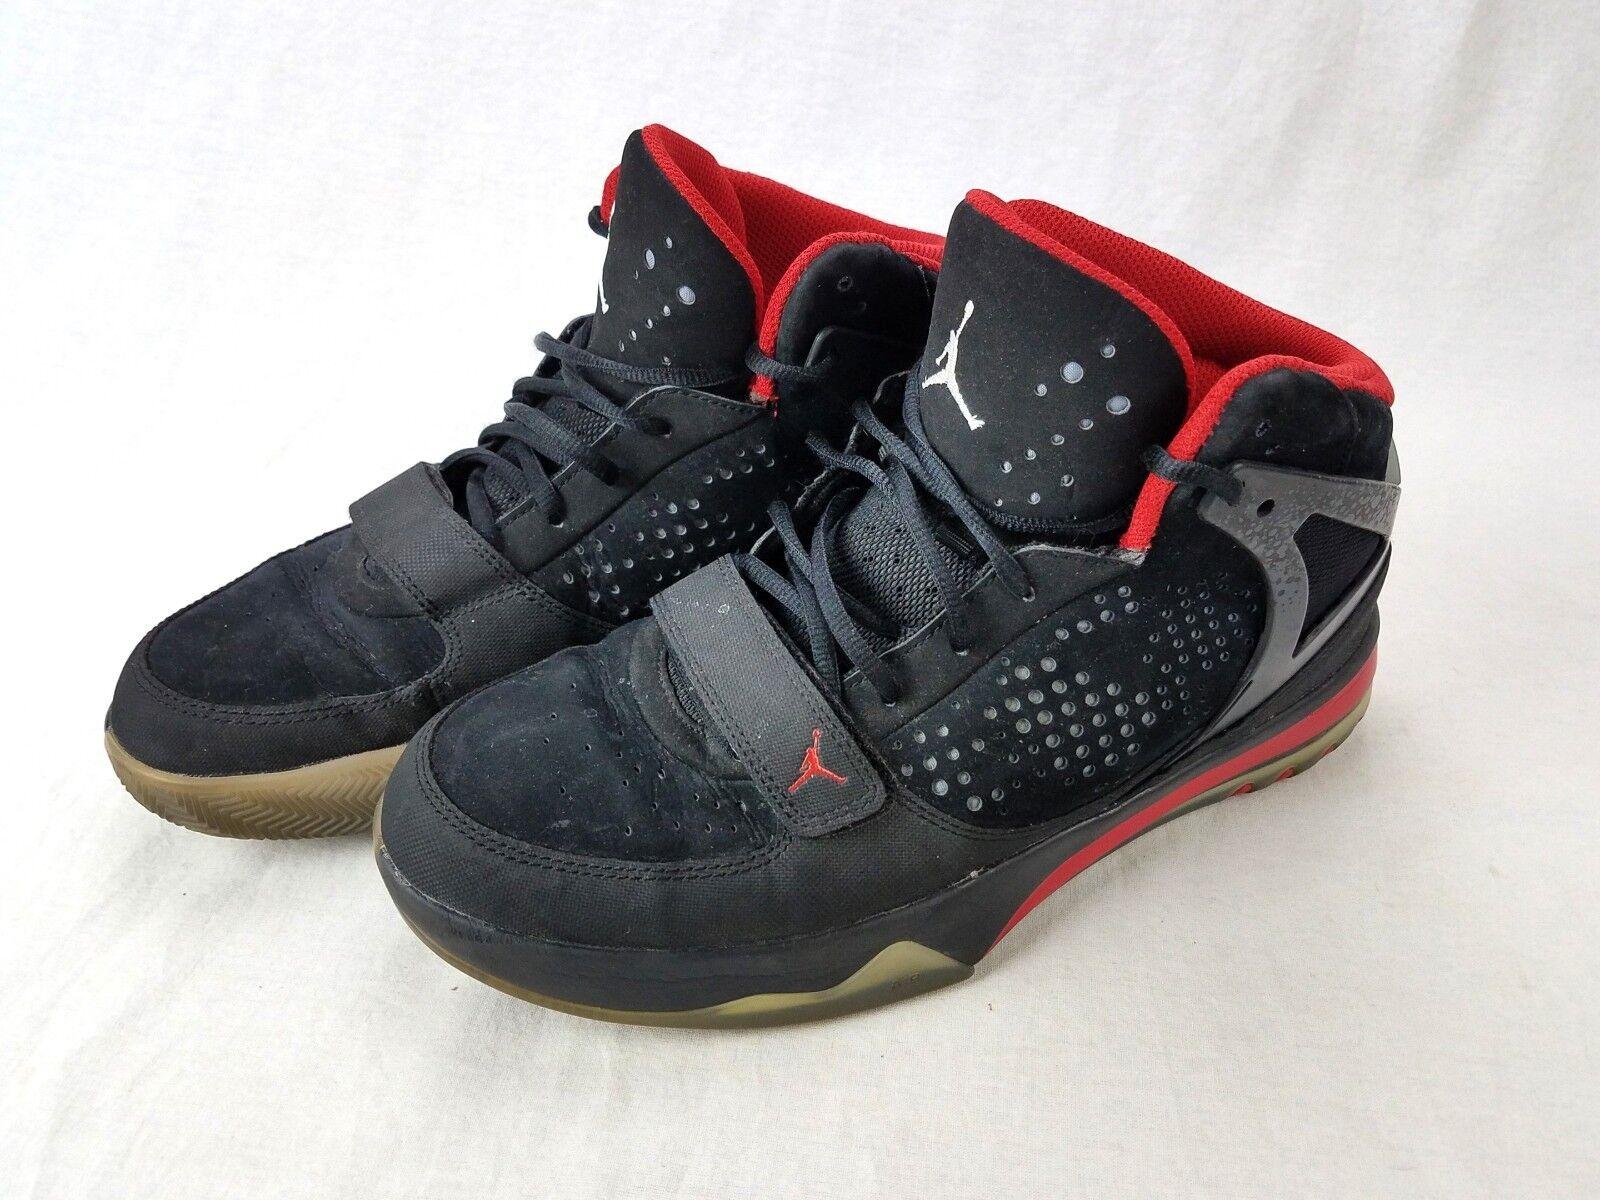 Seasonal clearance sale Nike Jordan Phase 23 Hoops - Black/Varsity Red-Stealth 440897-003 Comfortable